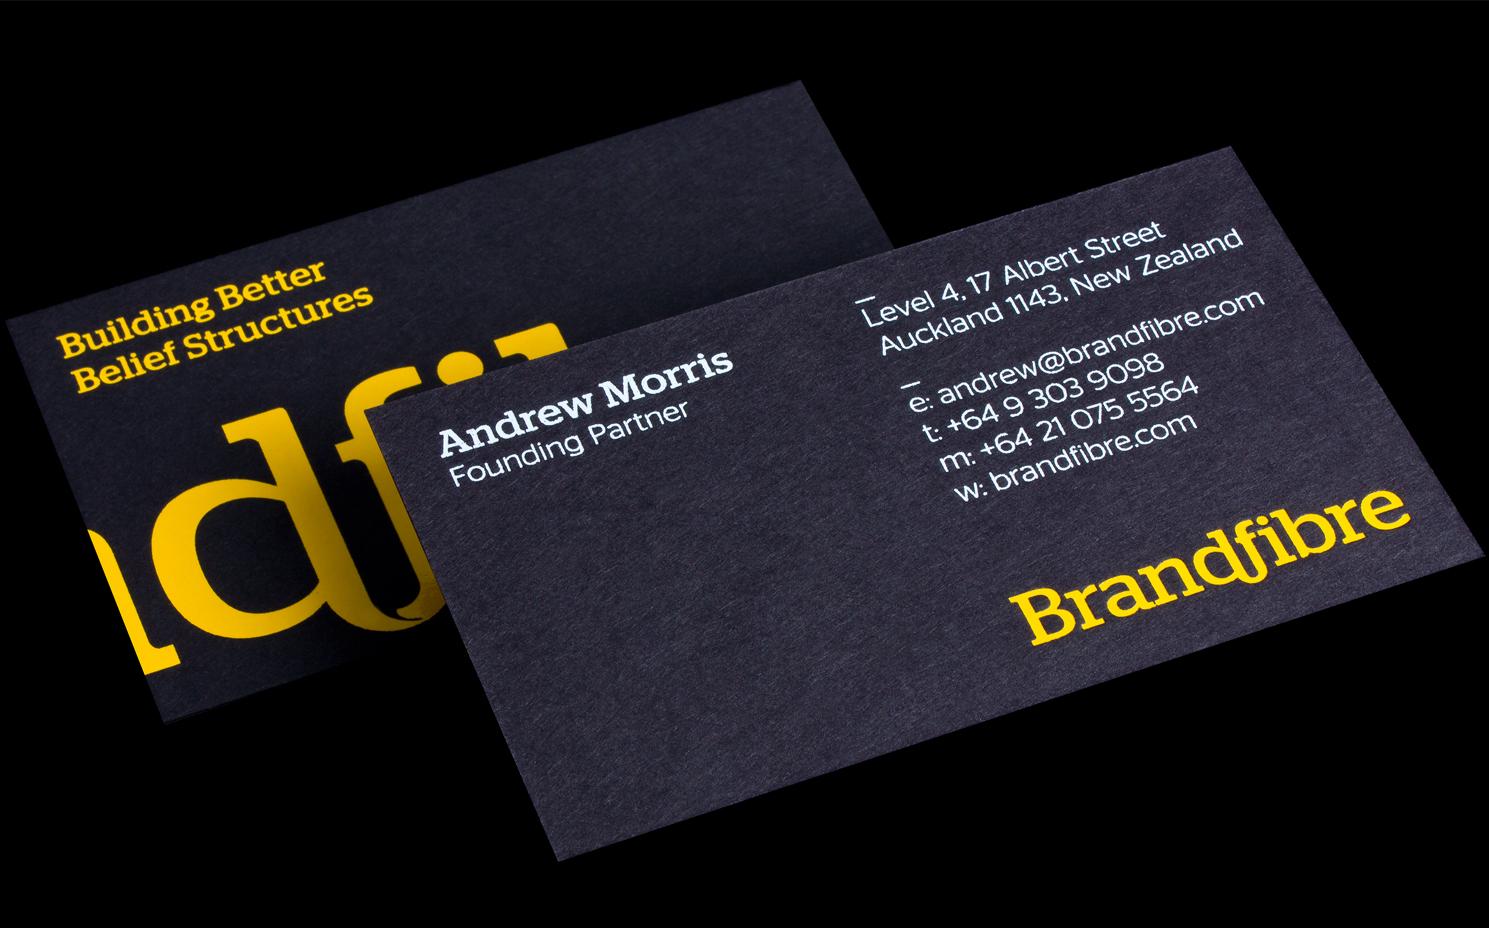 Brand Fibre Business Cards | Logick Print